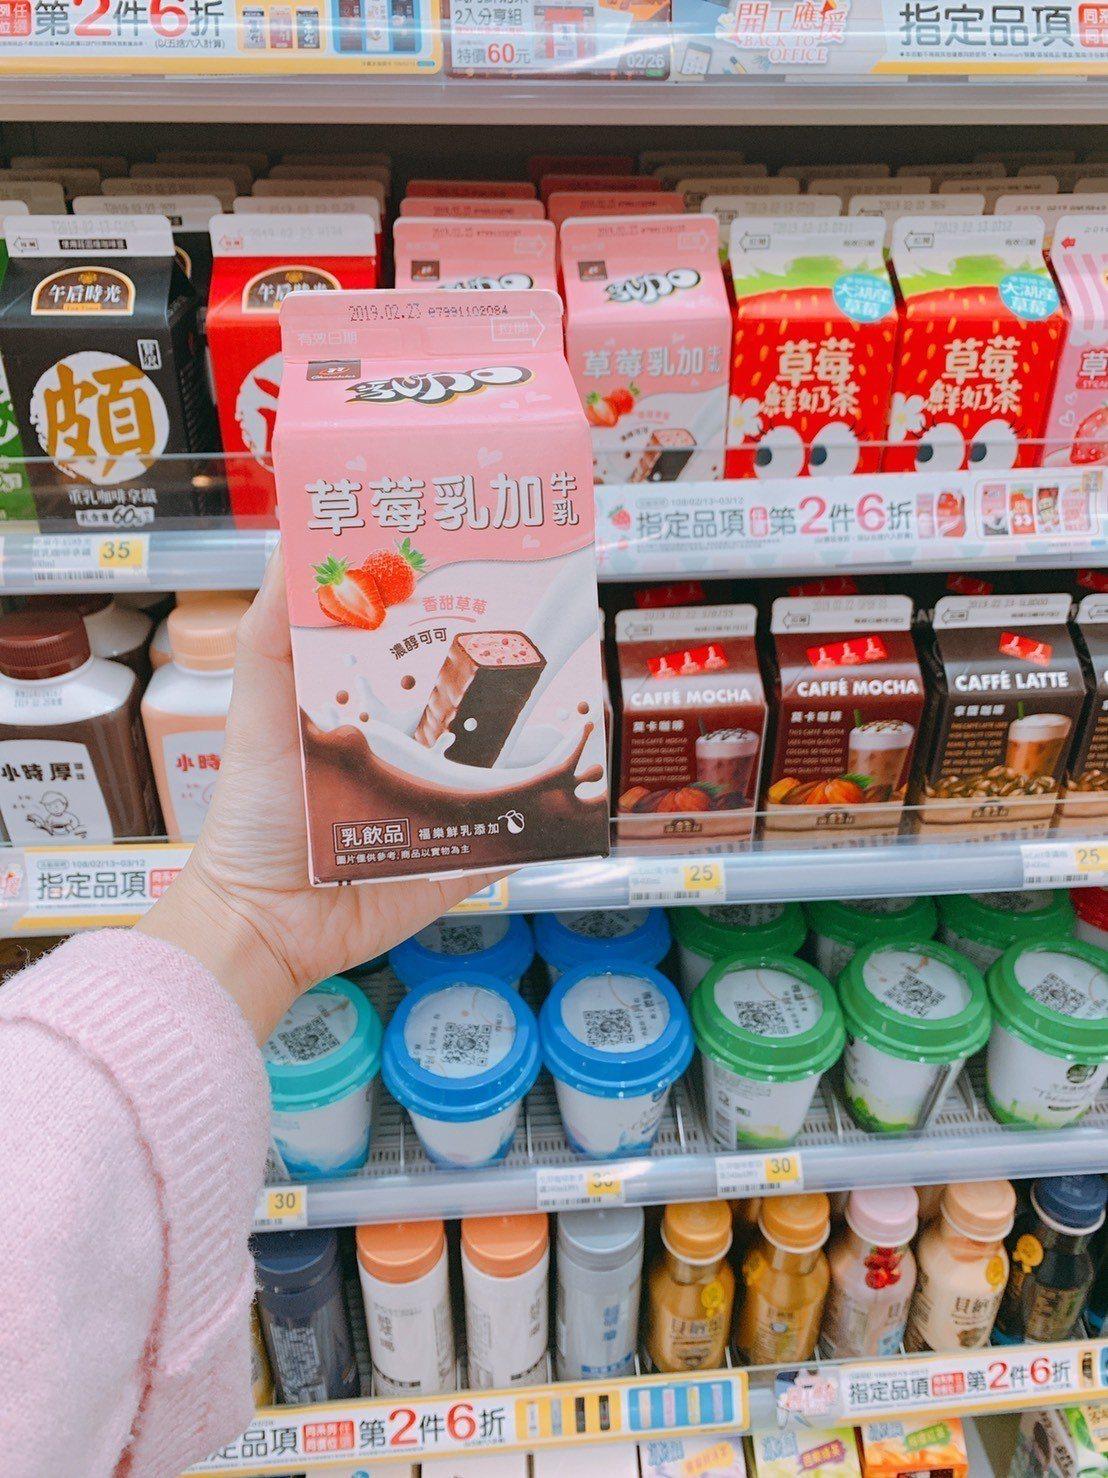 77草莓乳加牛乳將經典巧克力化身為喝的乳加,搭配草莓口味,即日起至3月12日7-...